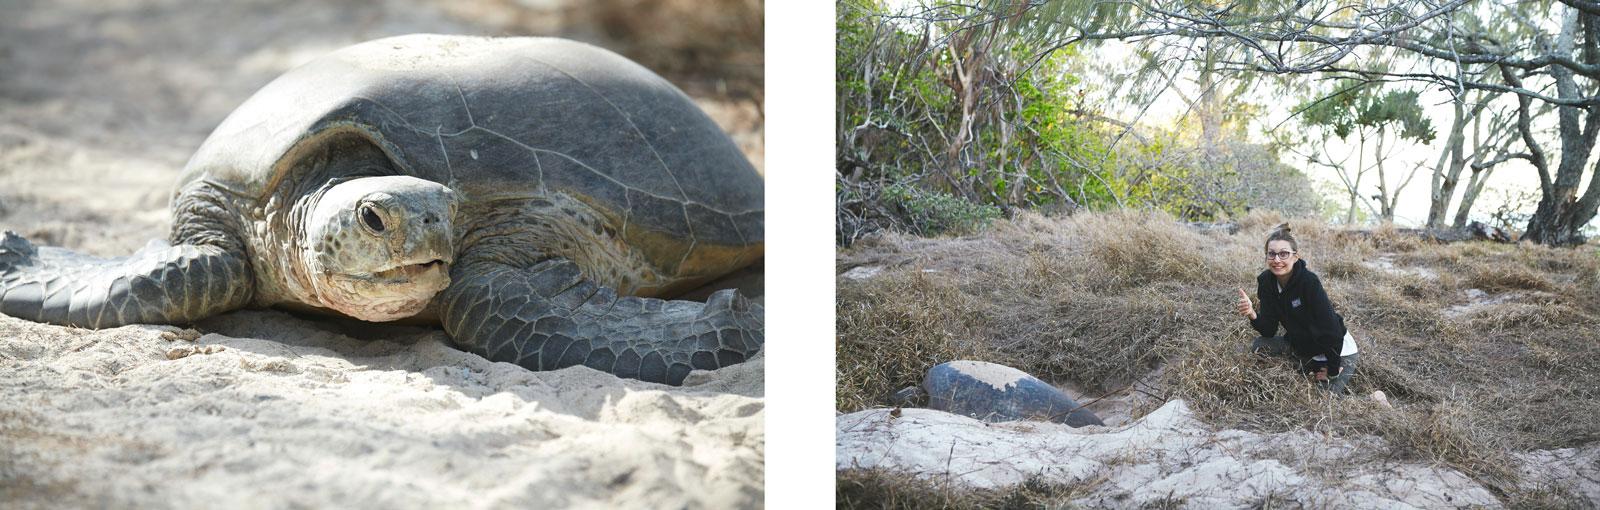 tortues marines ou les voir pondre?